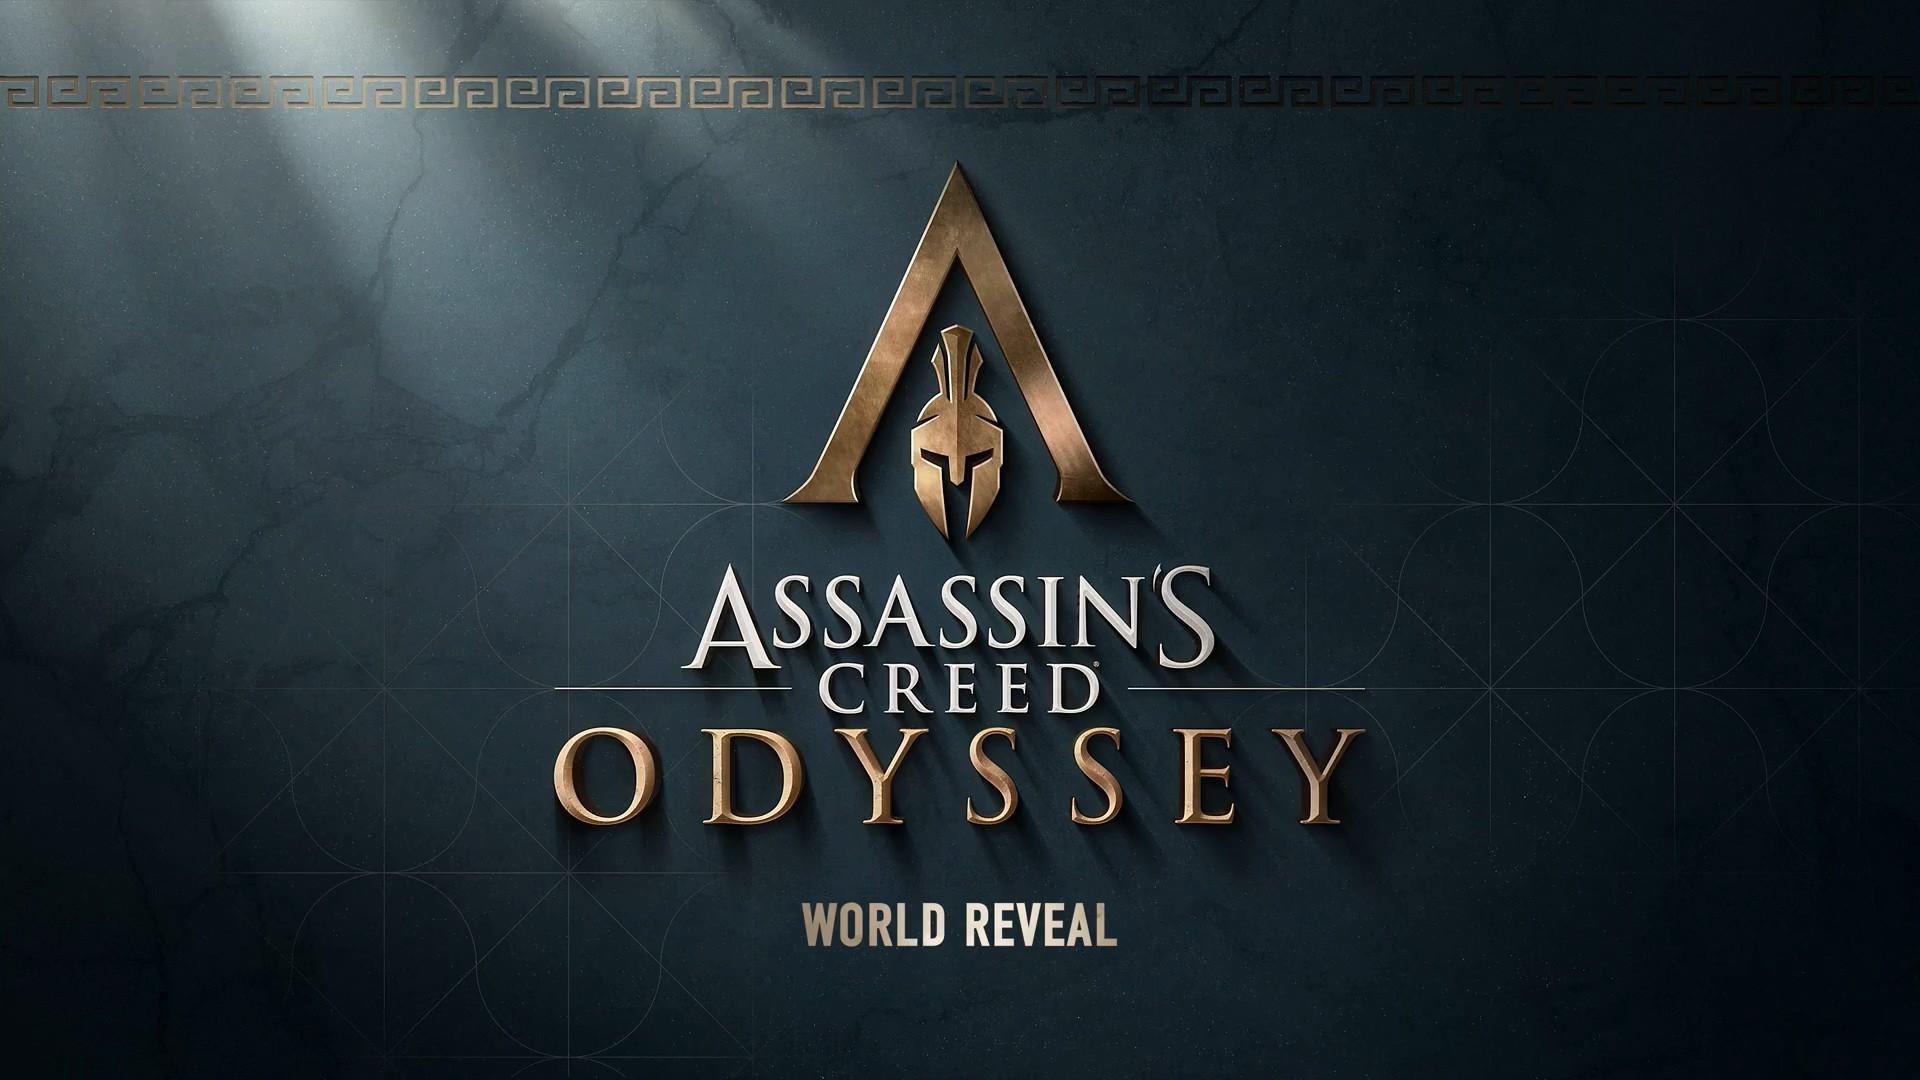 《刺客信条:奥德赛》正式预告公布 10月5日发售